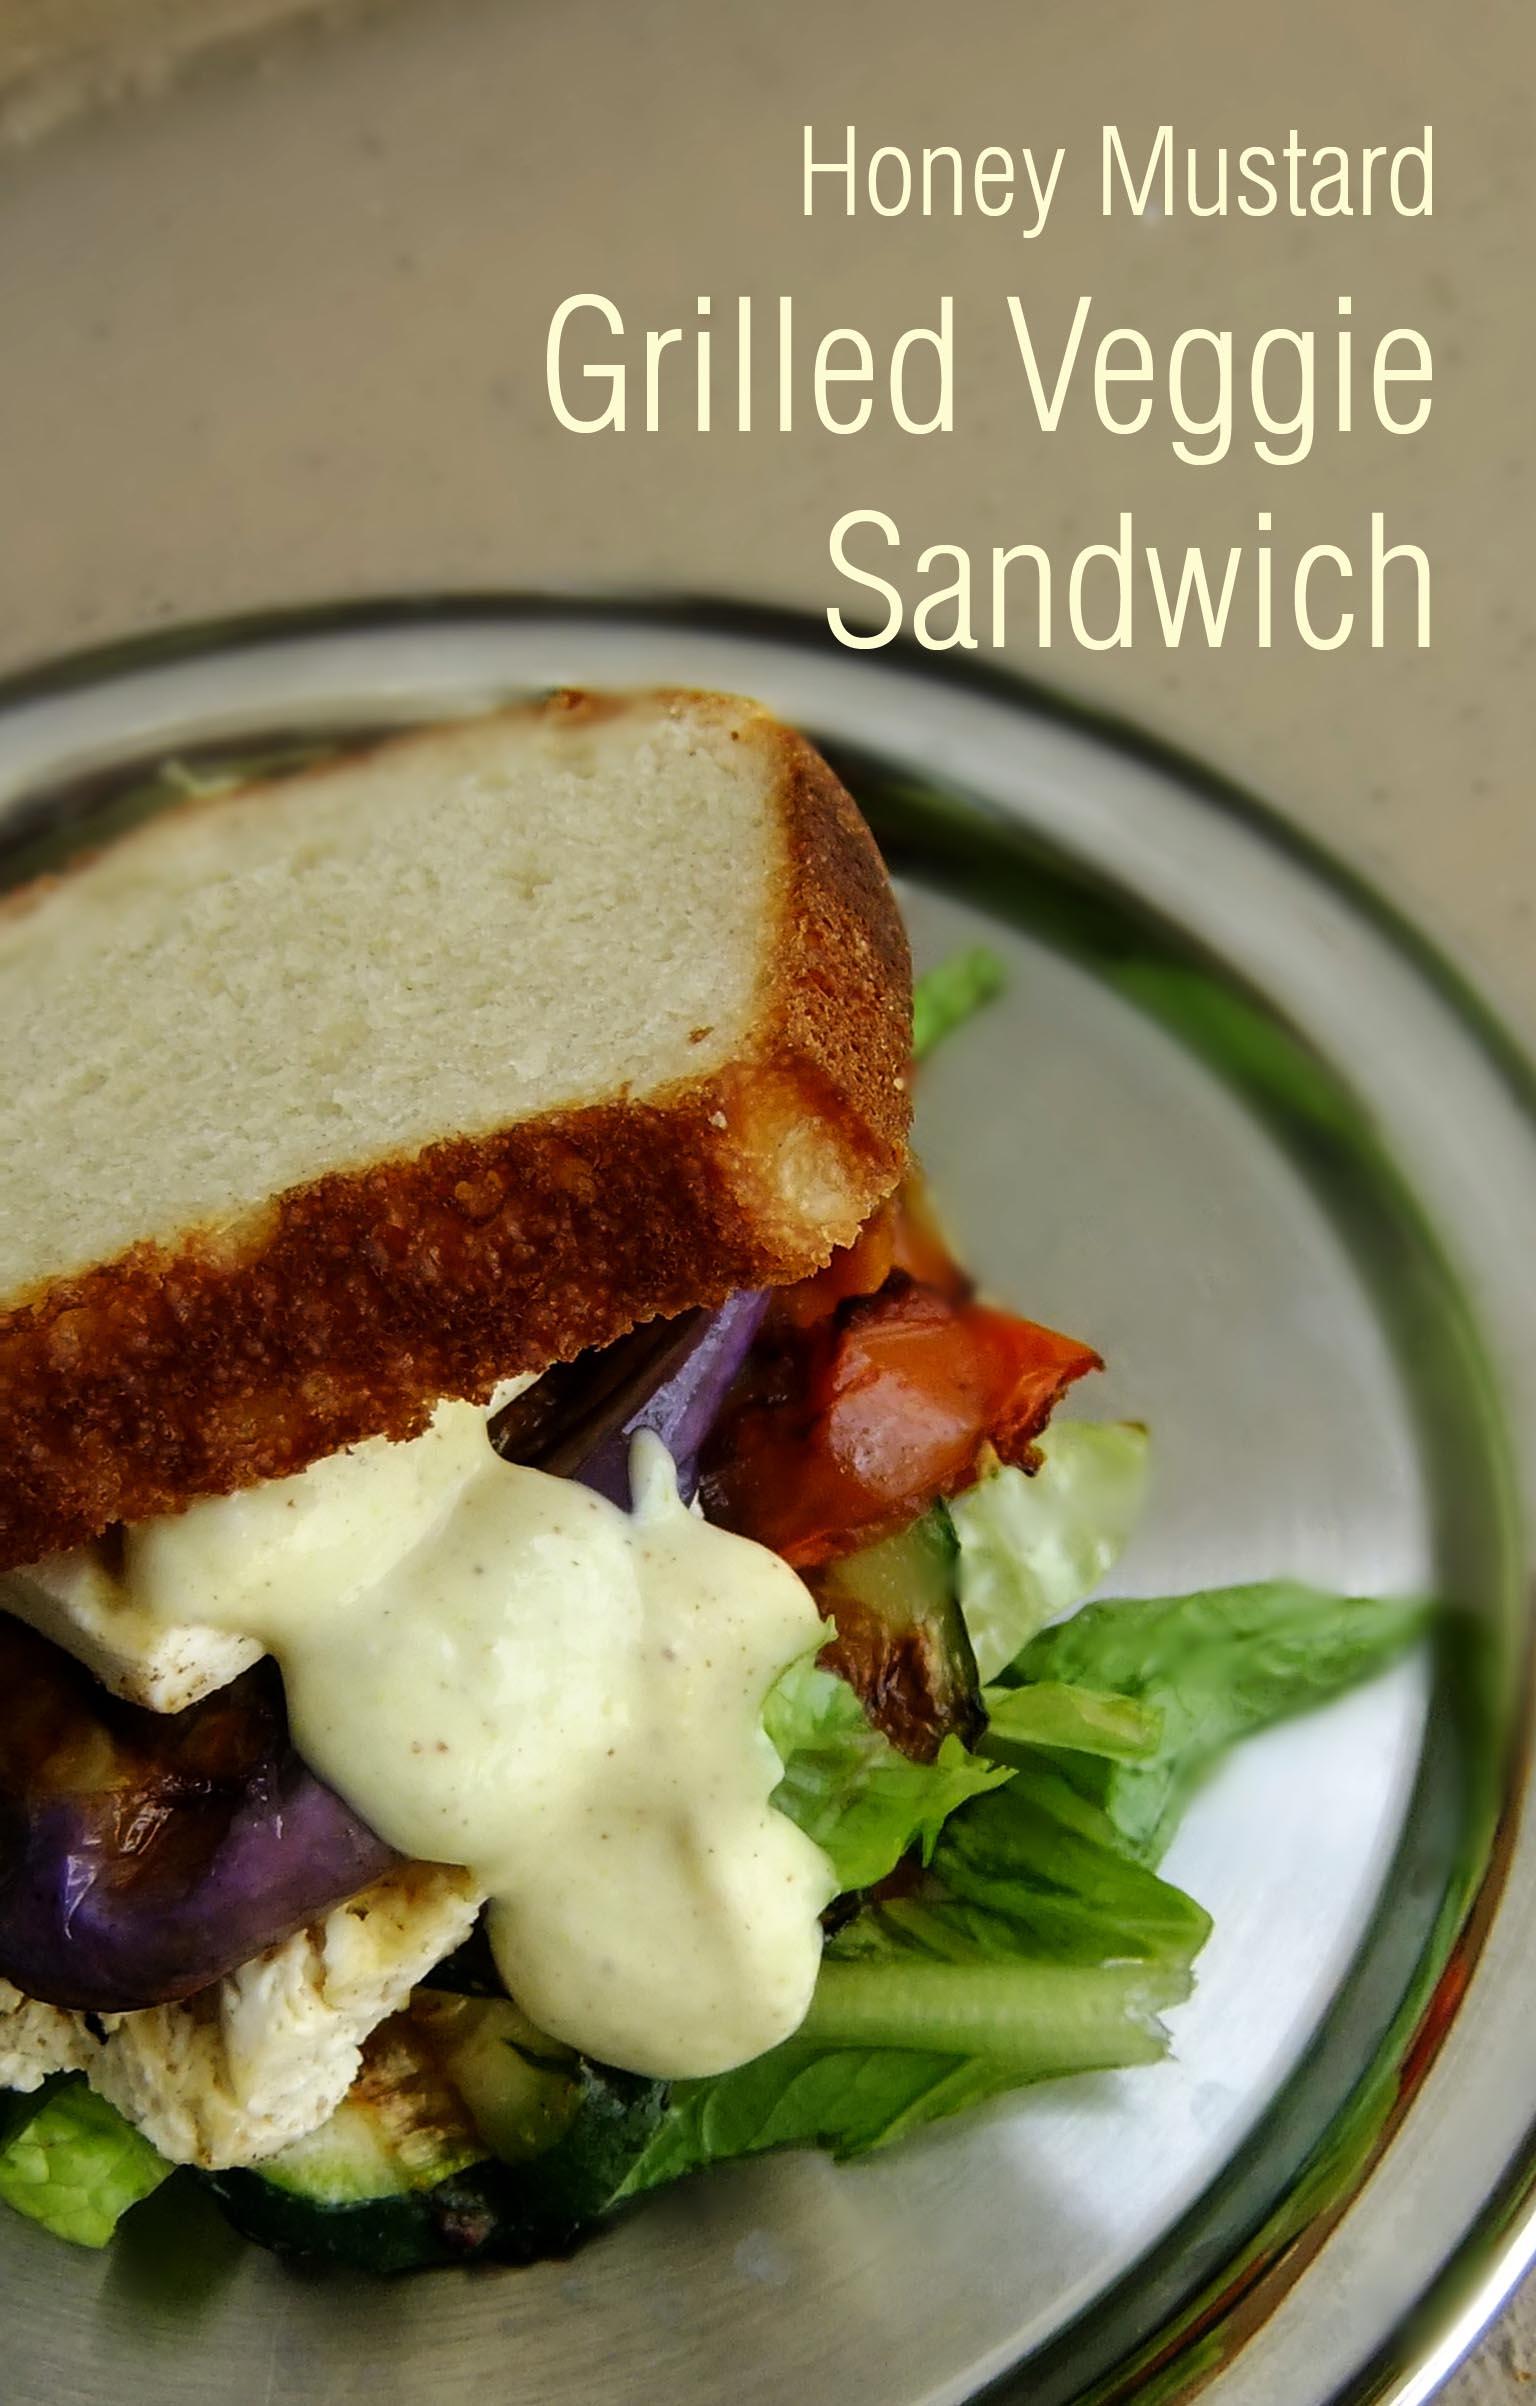 Honey Mustard Grilled Veggie Sandwich Divine Spice Box